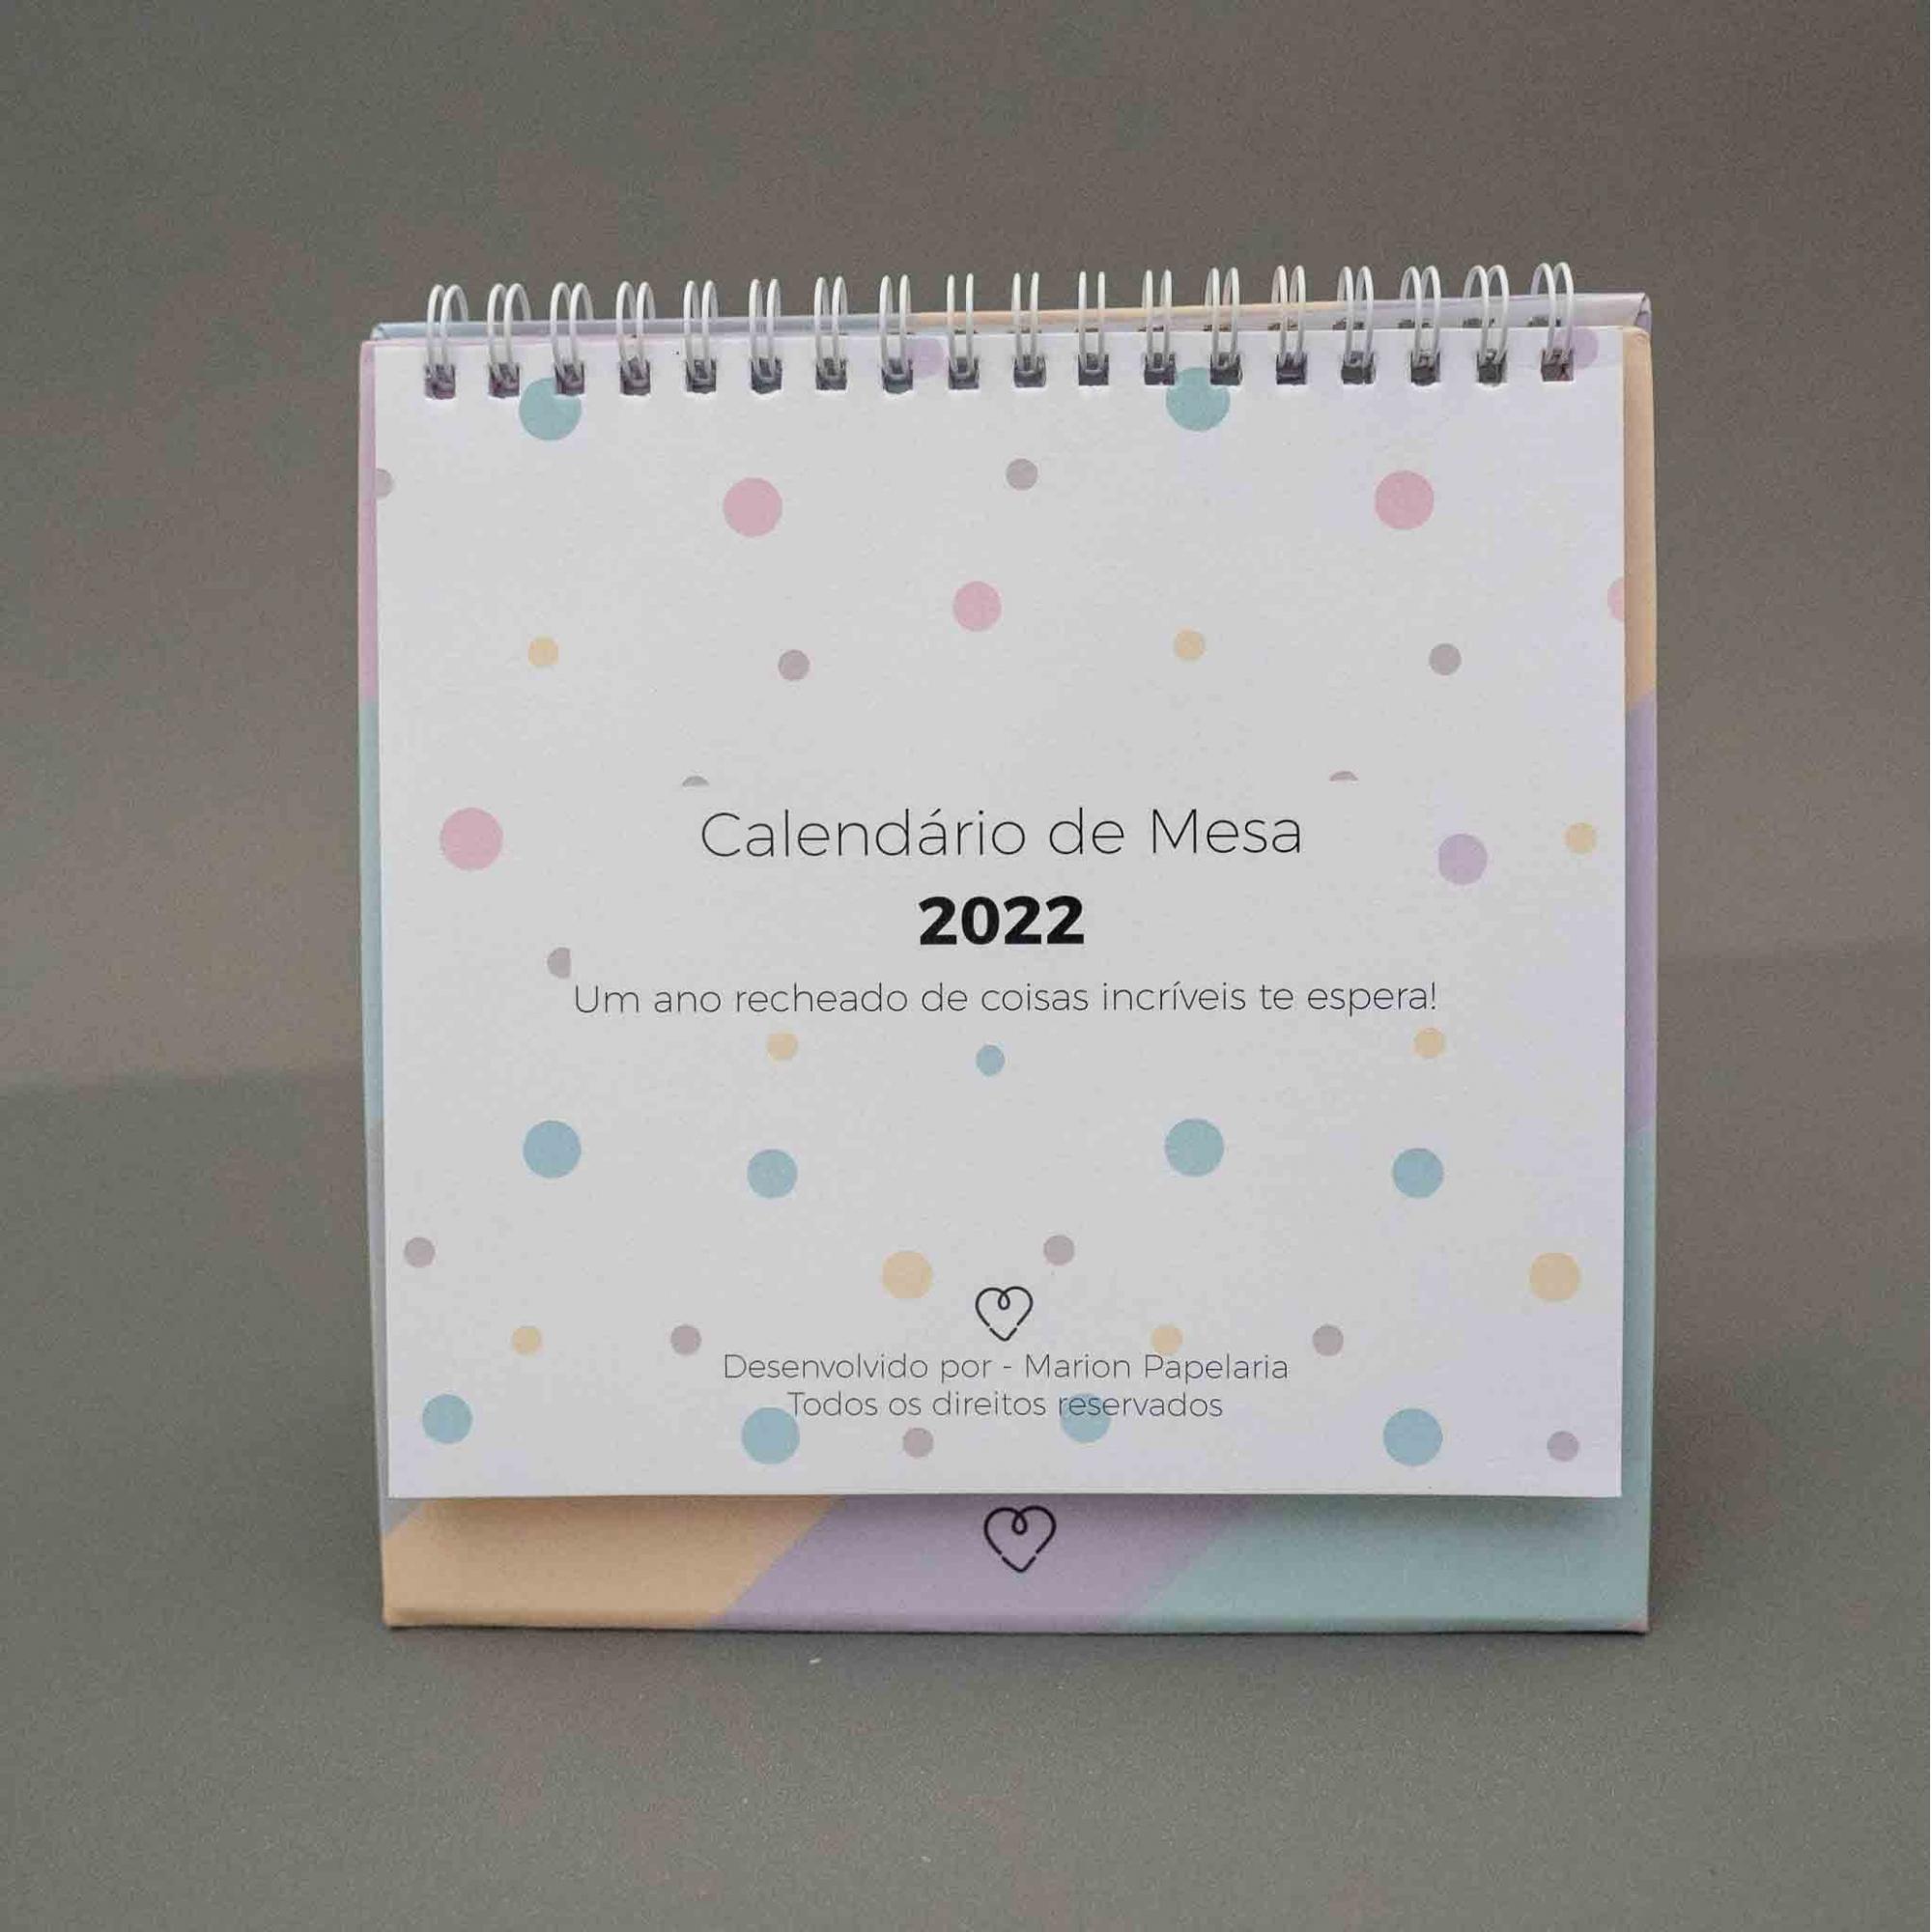 Calendário de Mesa 2022